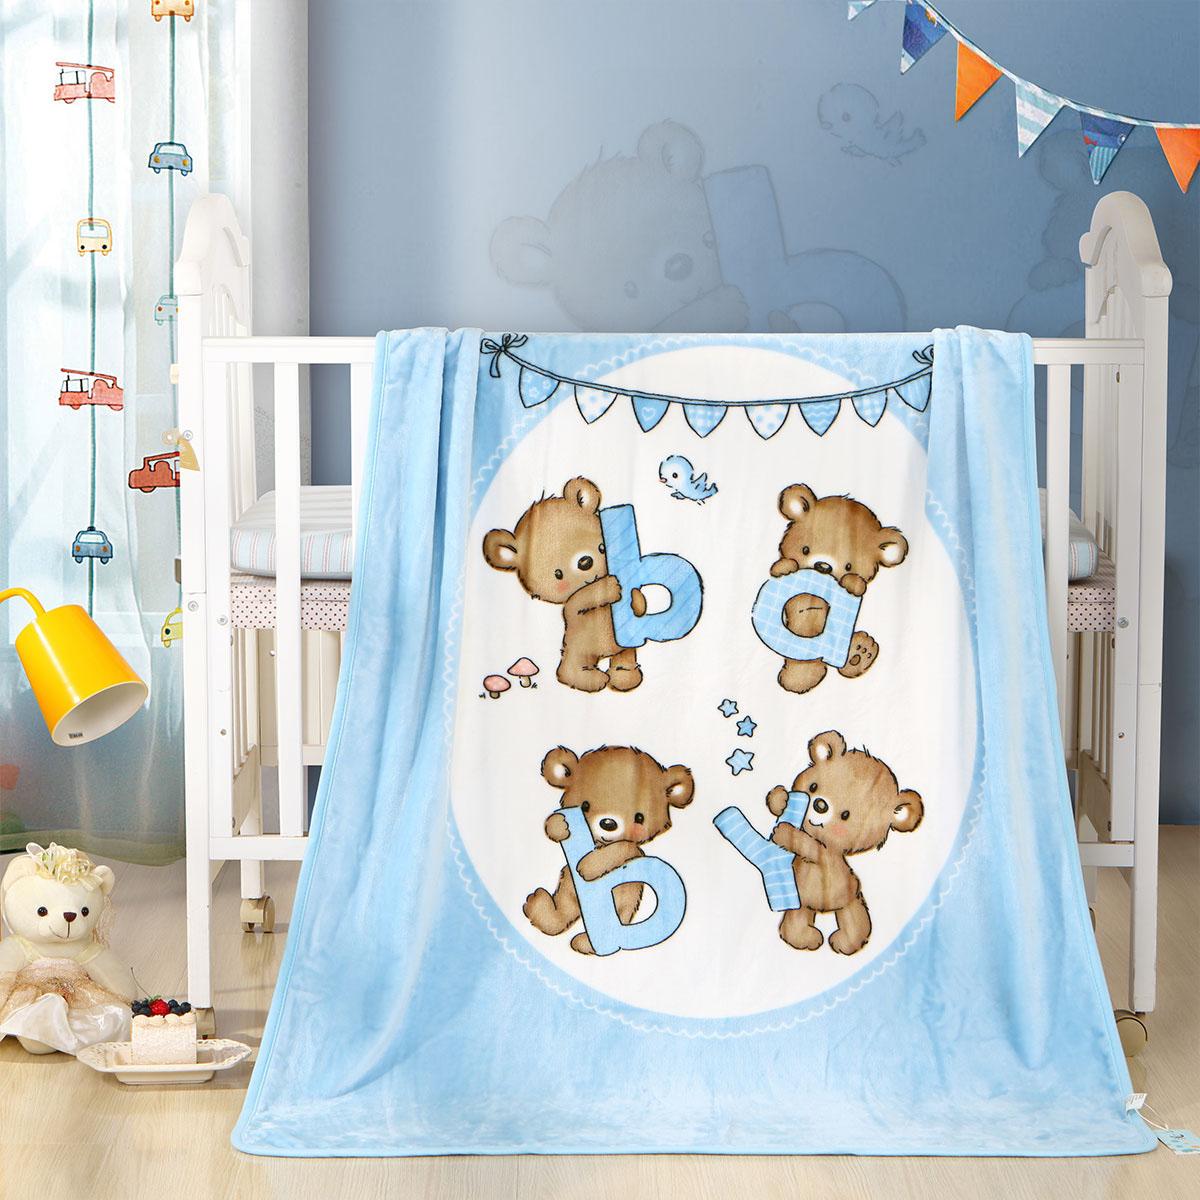 婴儿毛毯双层加厚秋冬季新生儿童法兰绒幼儿园春秋小毯子宝宝盖毯